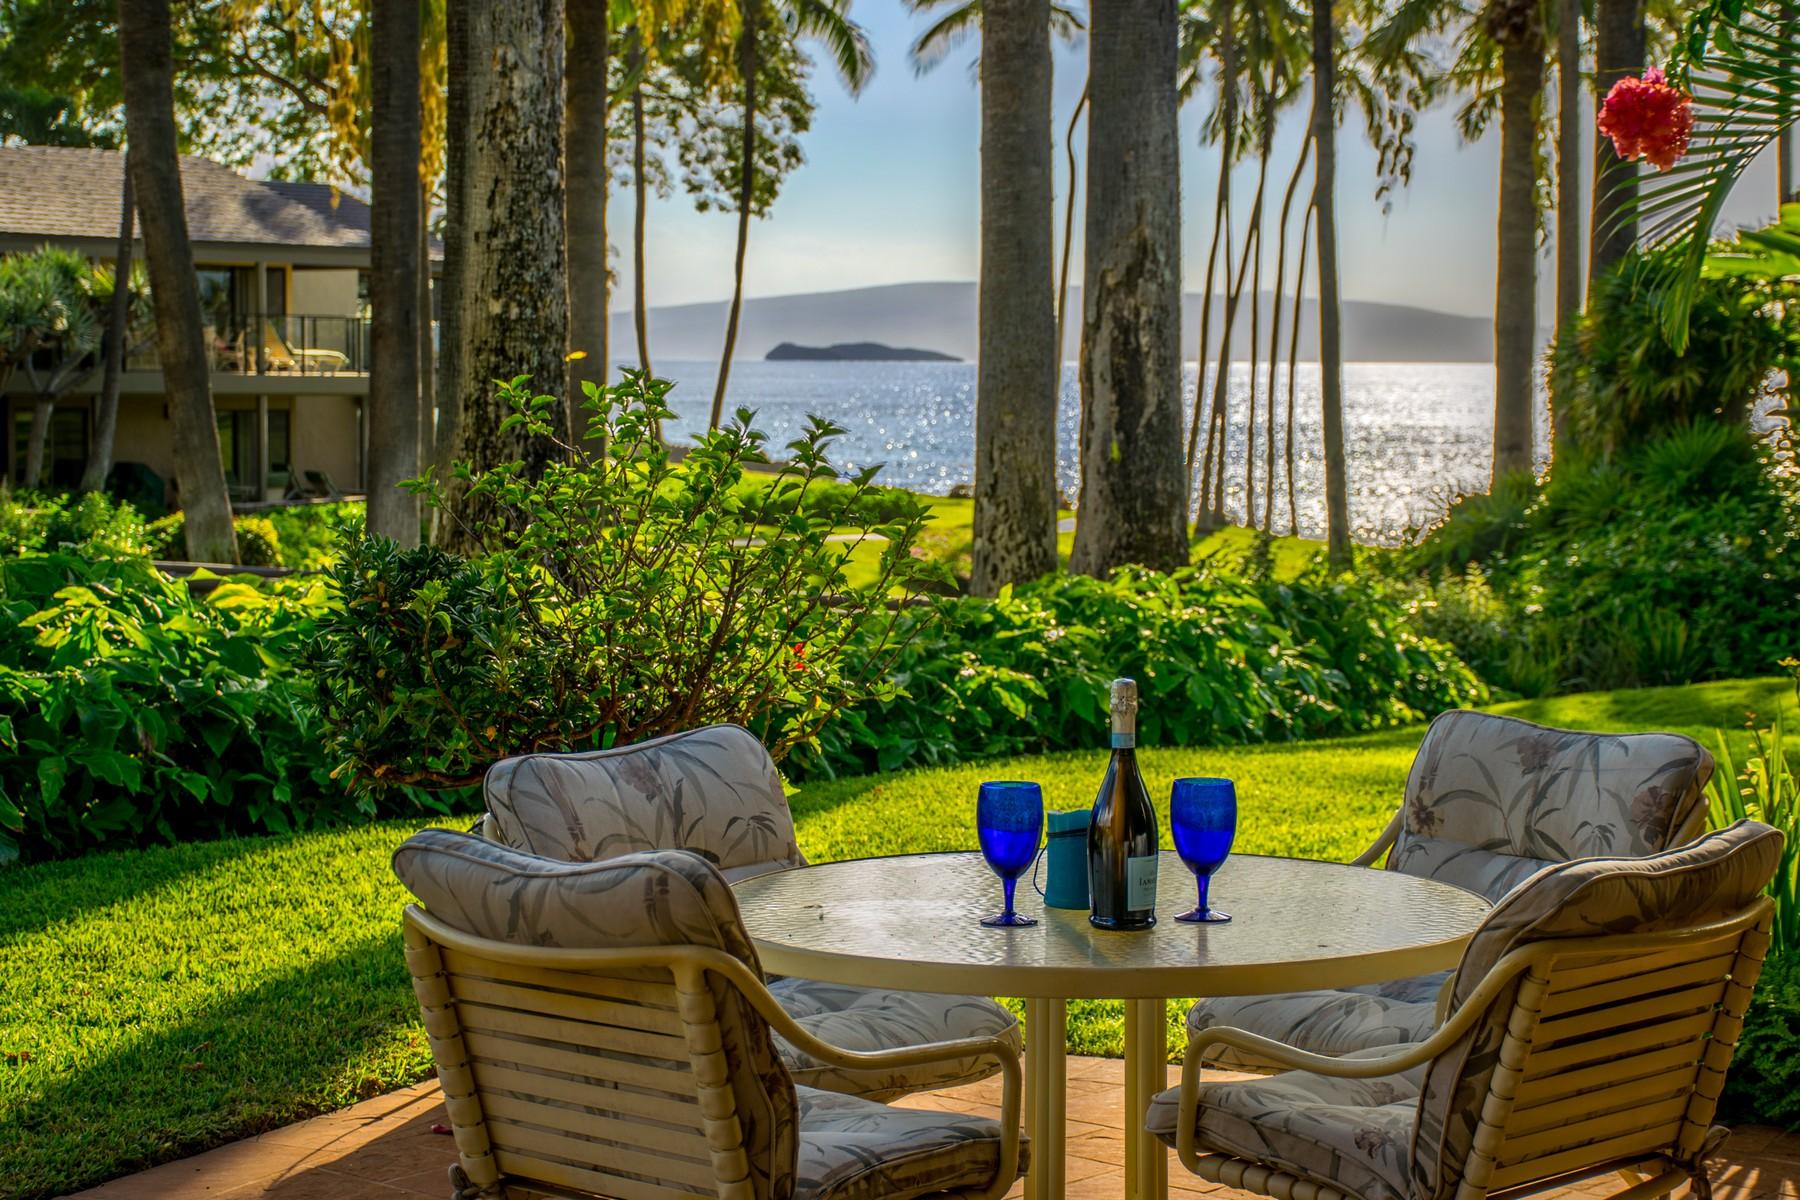 Condominium for Sale at Wailea Elua 3600 Wailea Alanui Drive, Wailea Elua 905 Wailea, Hawaii, 96753 United States